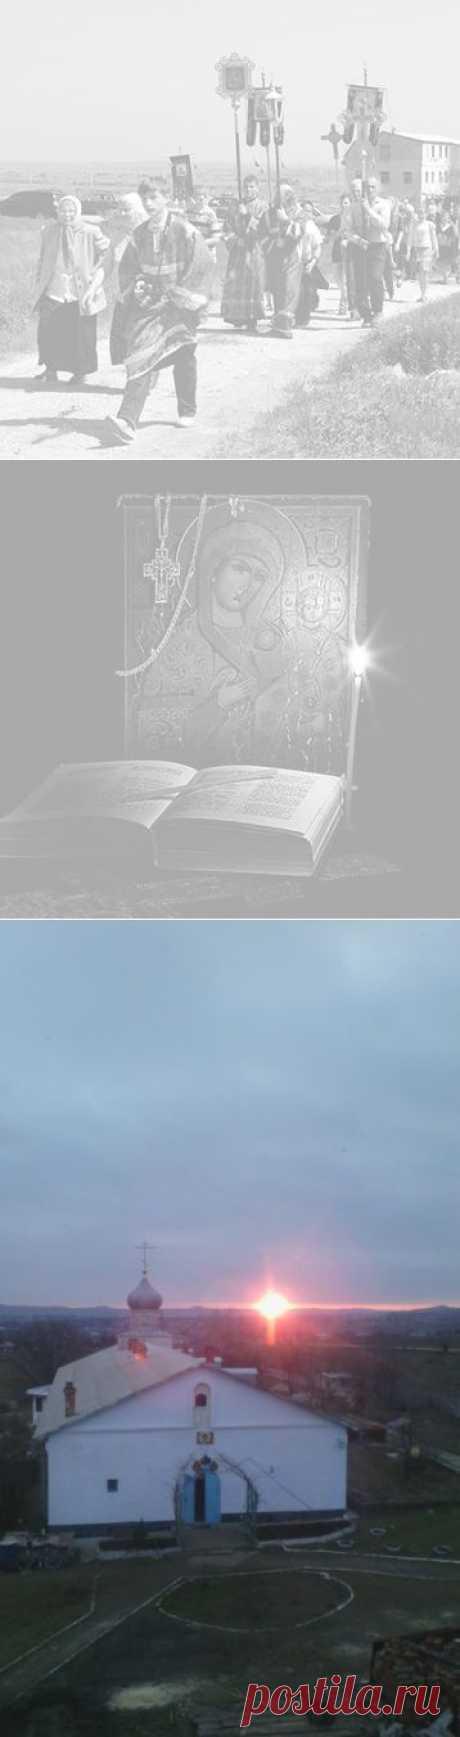 Катерлезский Свято-Георгиевский общинный женский монастырь — православный монастырь в селе Войково на Керченском полуострове.